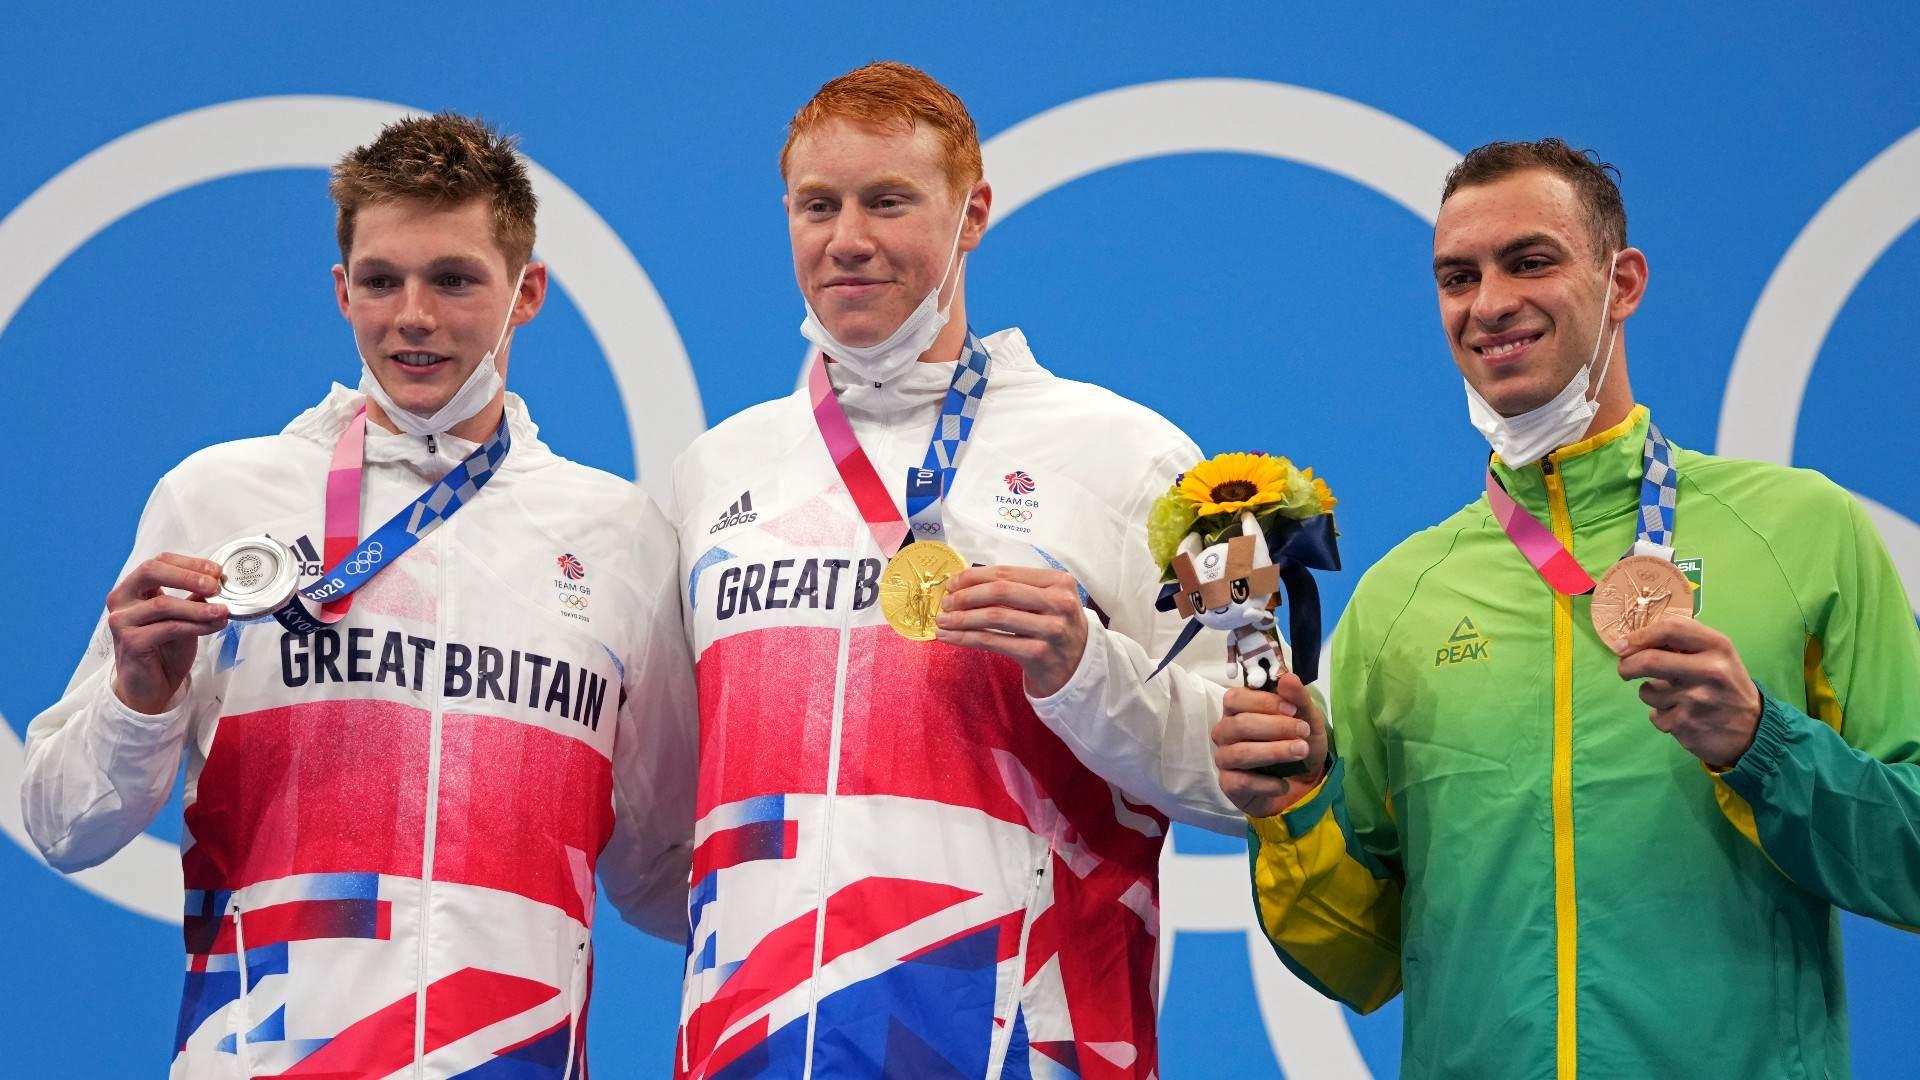 Fernando Scheffer, da natação, levou o bronze nos 200m livres